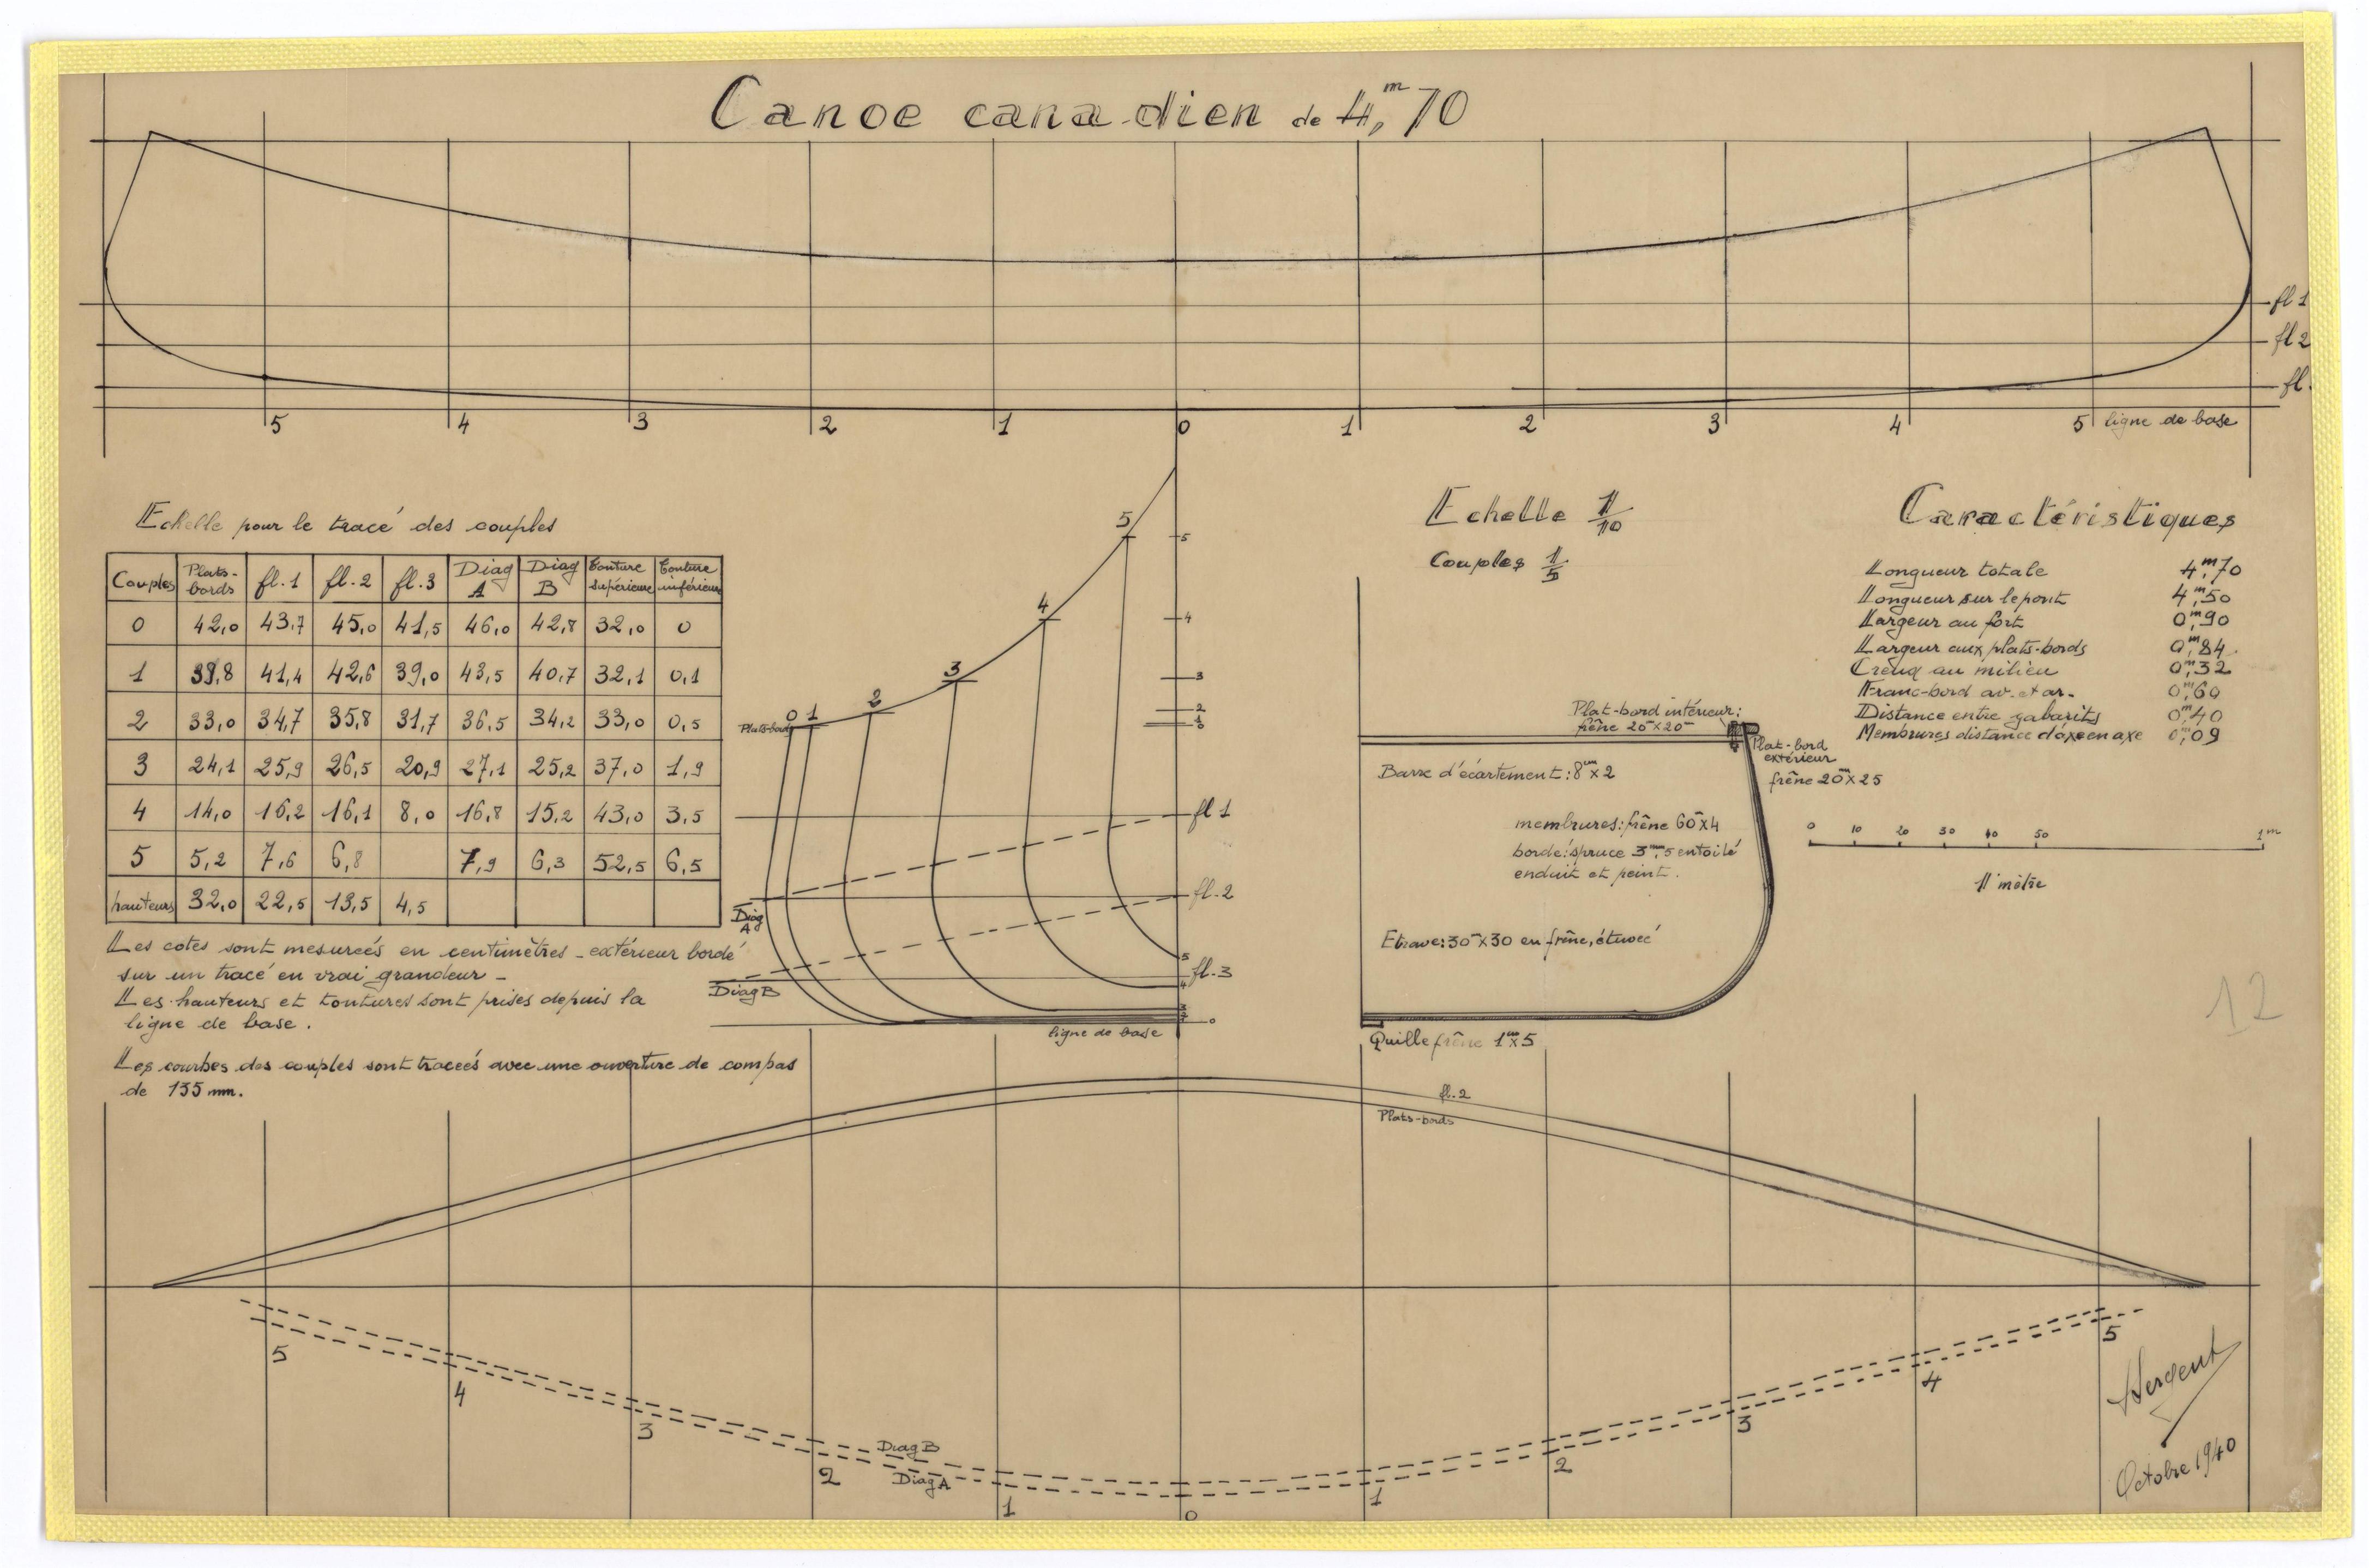 Plan canoe bois gratuit atelier retouche paris for Plan gratuit